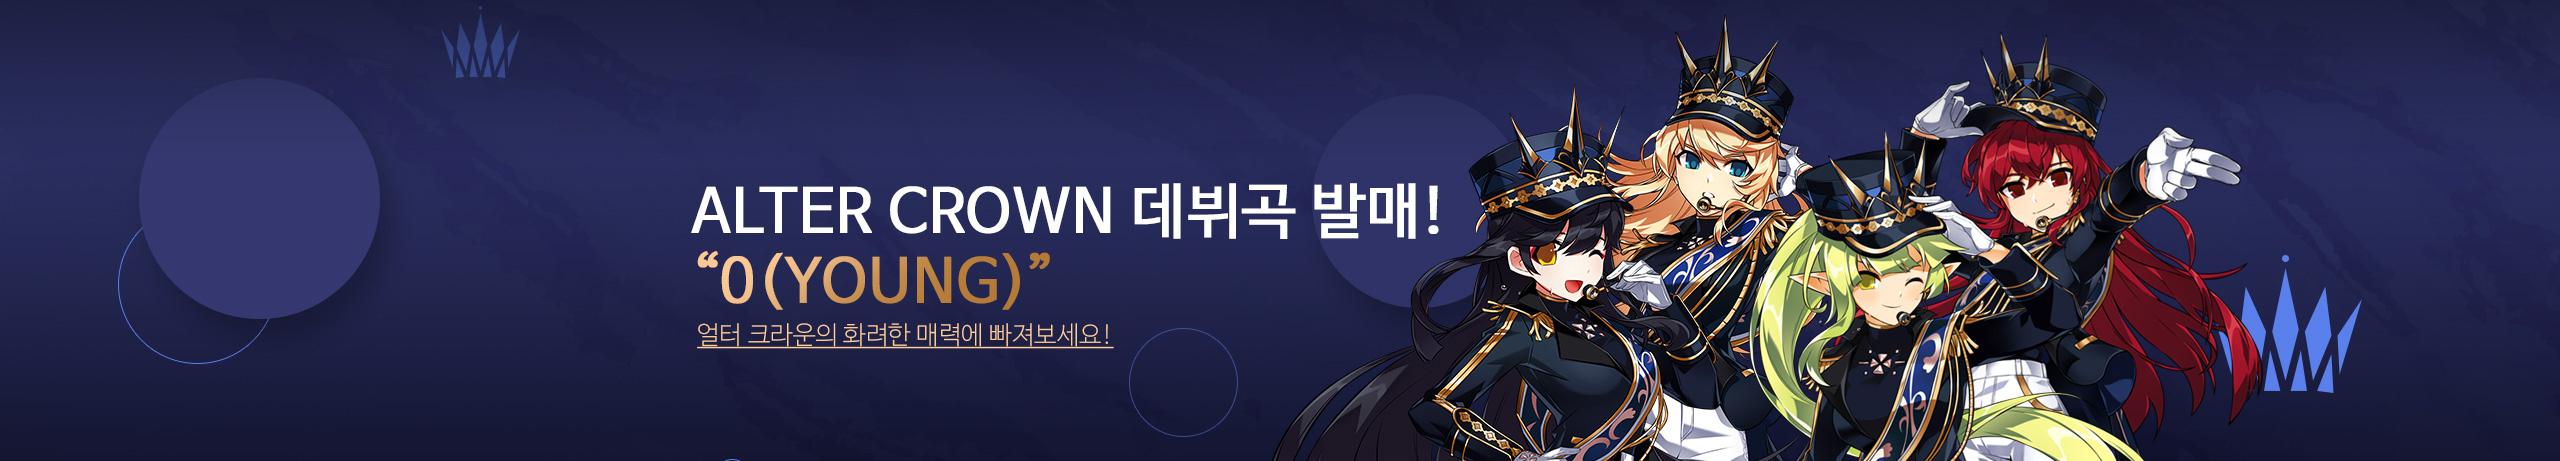 얼터크라운 음원 발매